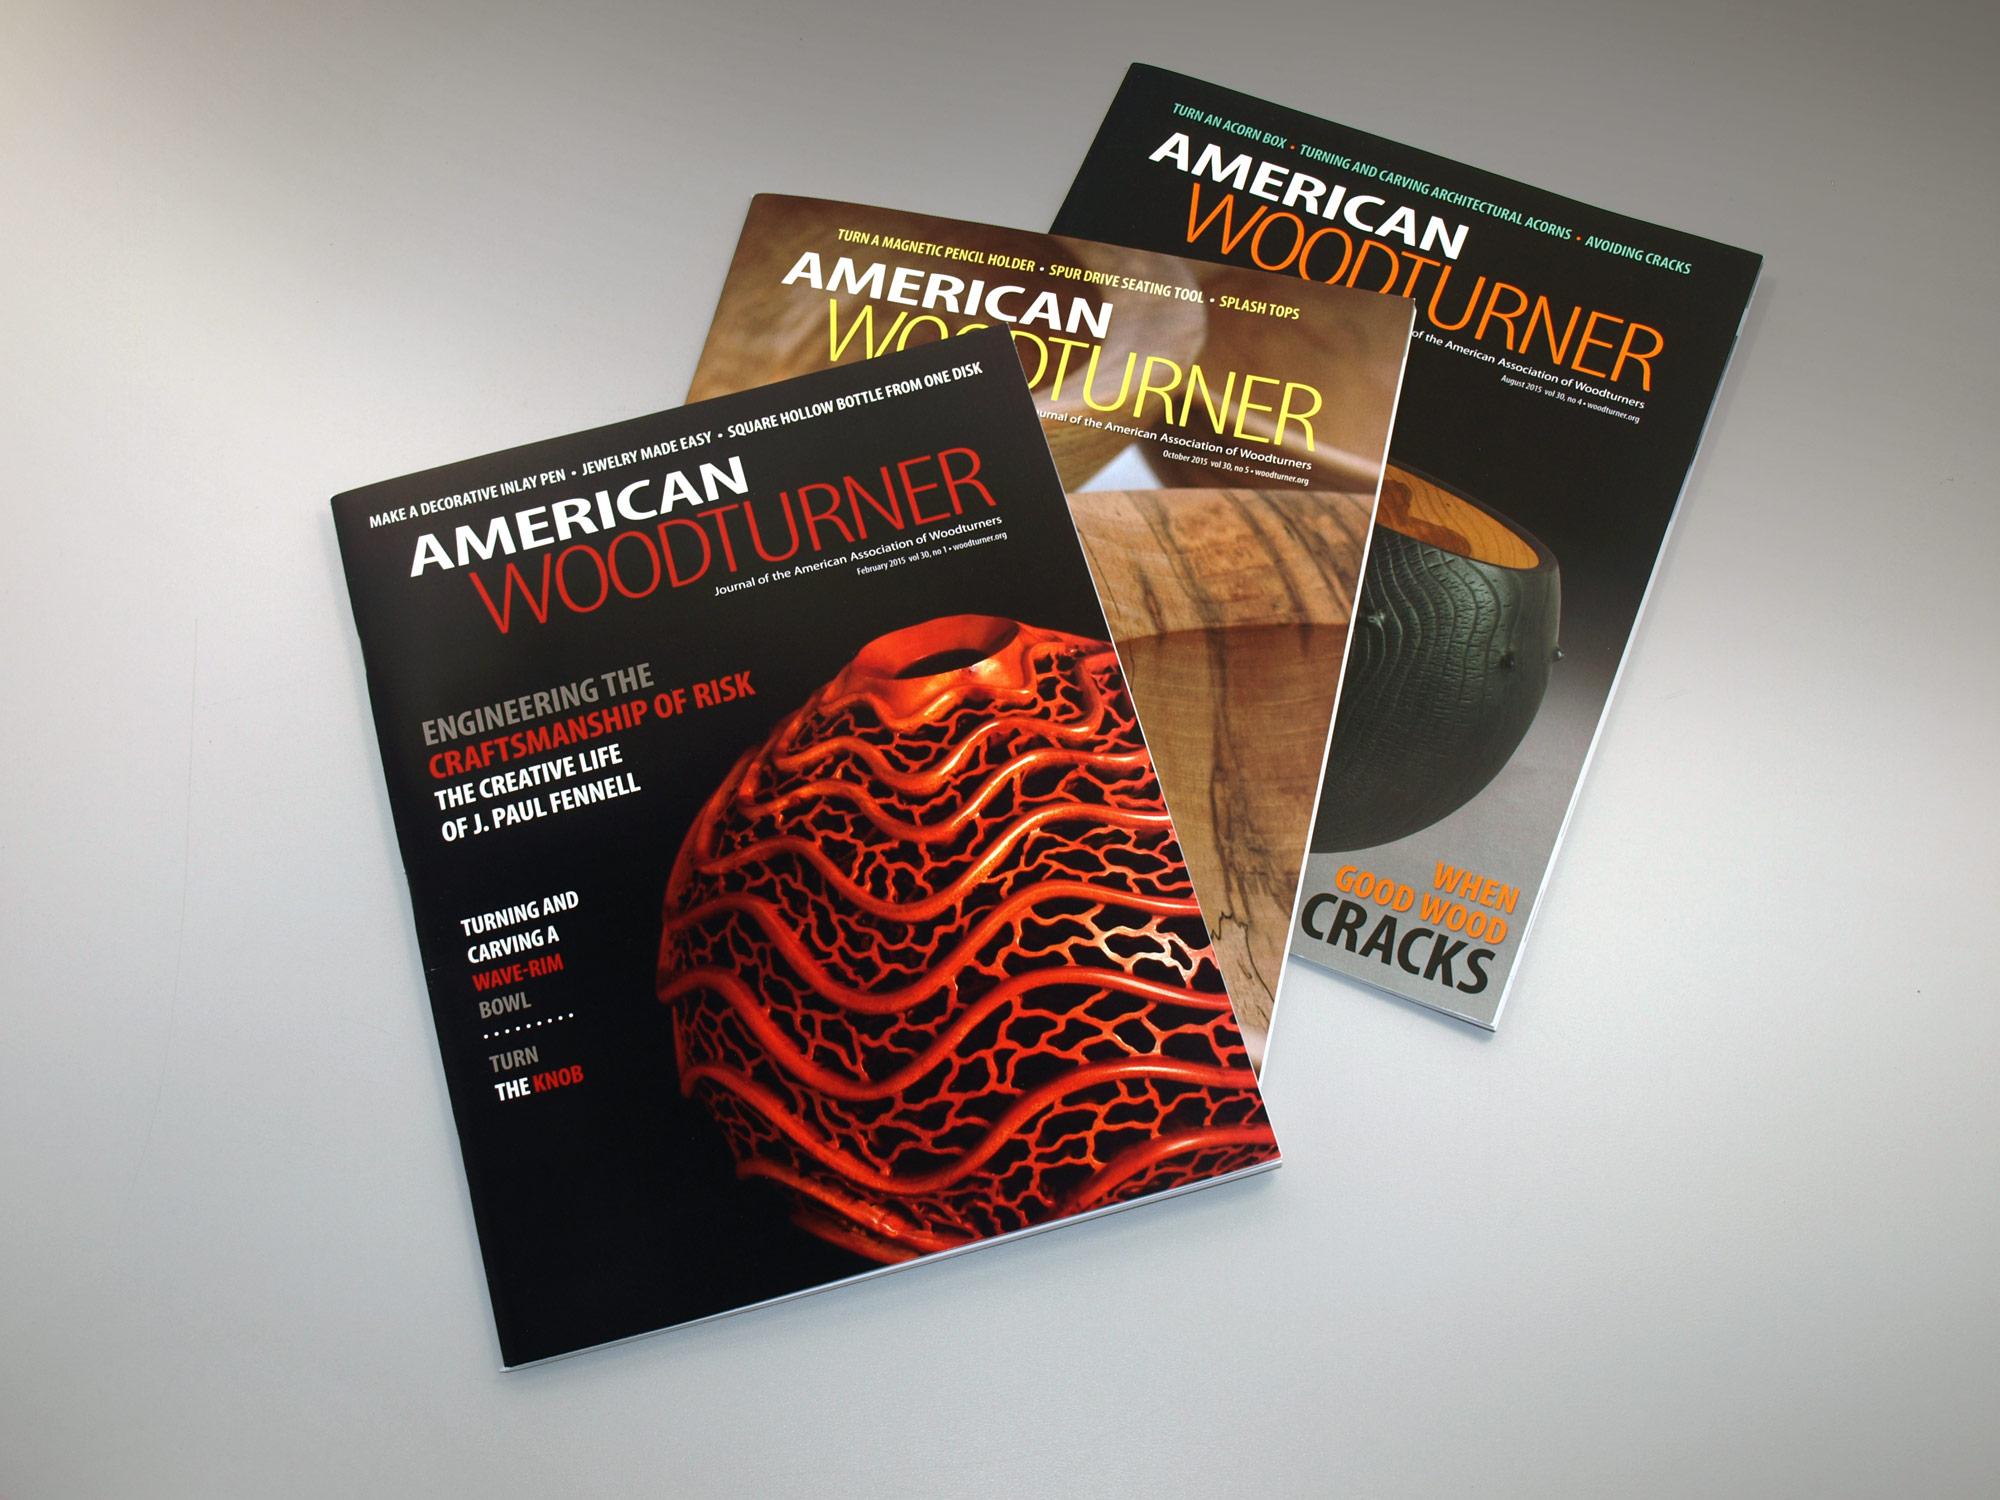 american woodturner publication design